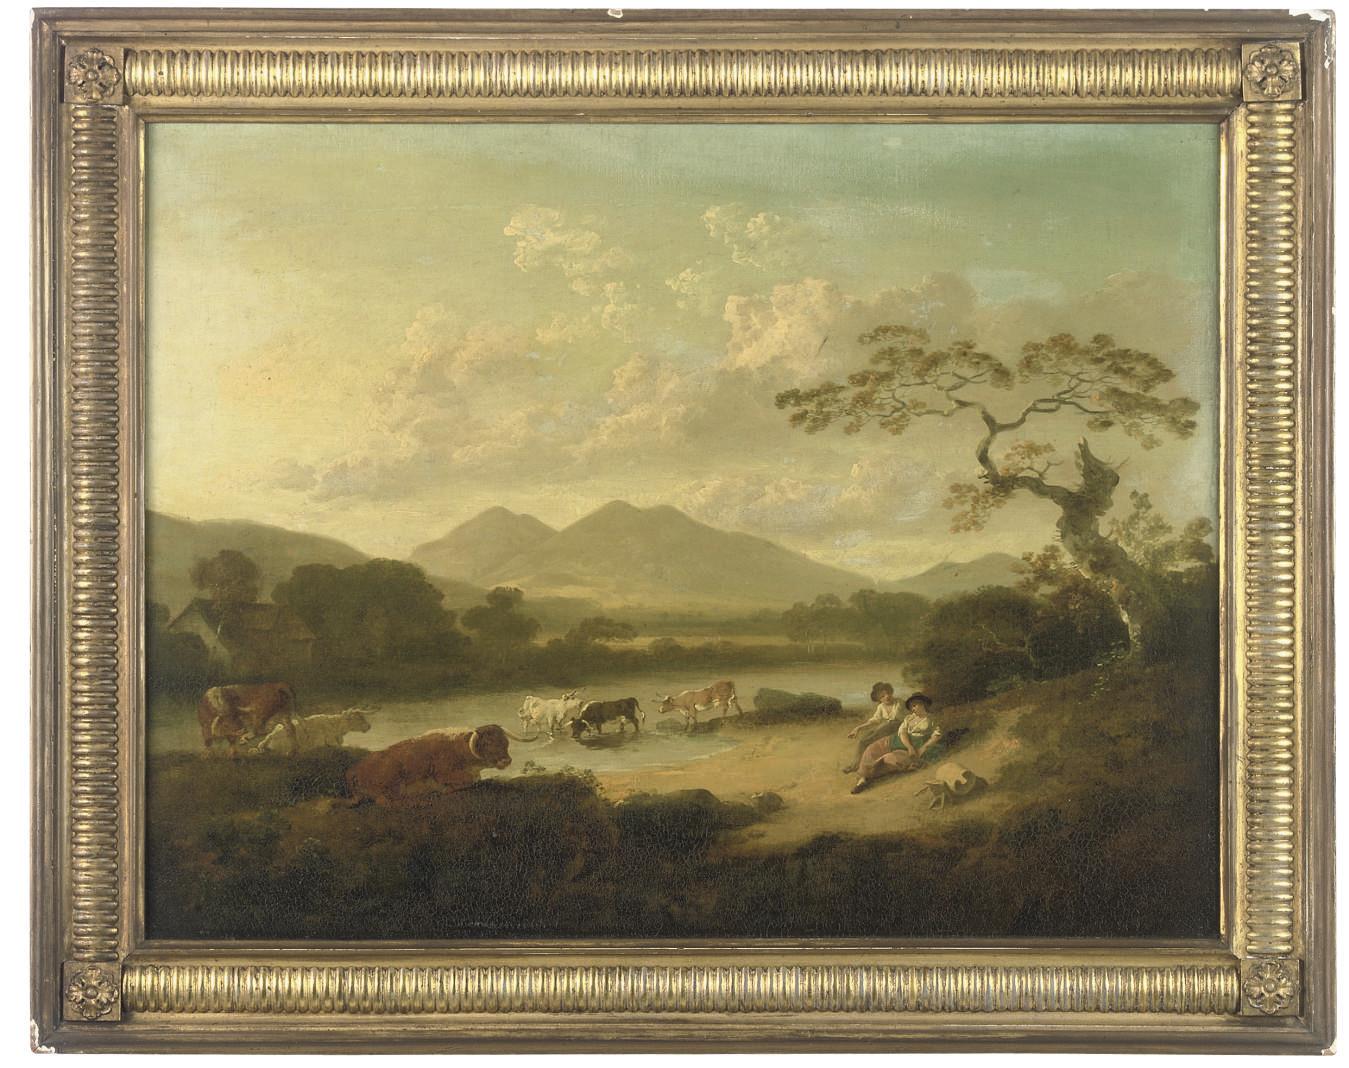 JULIUS CAESAR IBBETSON (BRITISH, 1759-1817)